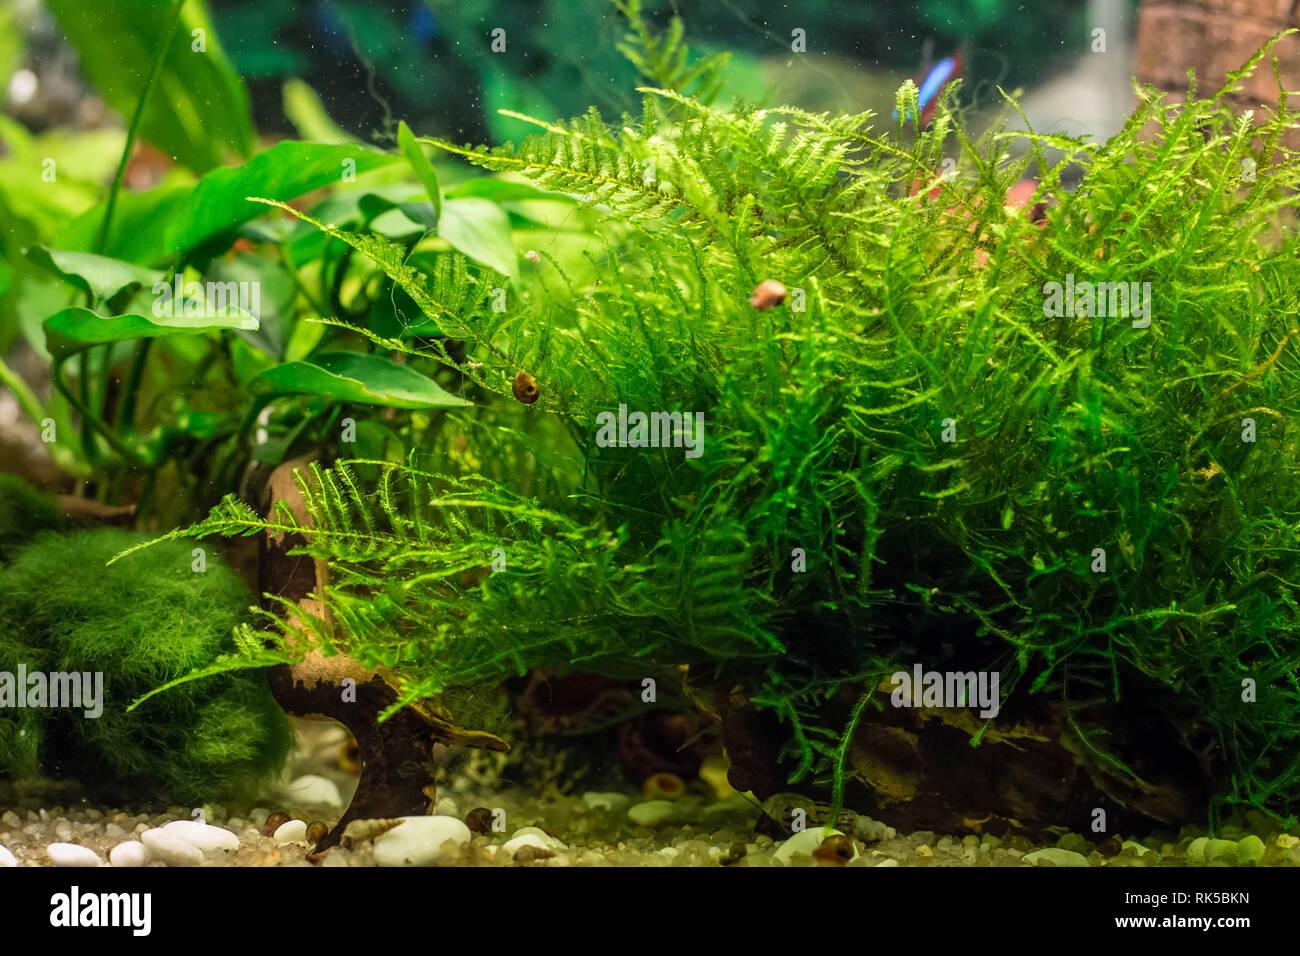 turf of java moss latin name Vesicularia in aquarium Stock Photo